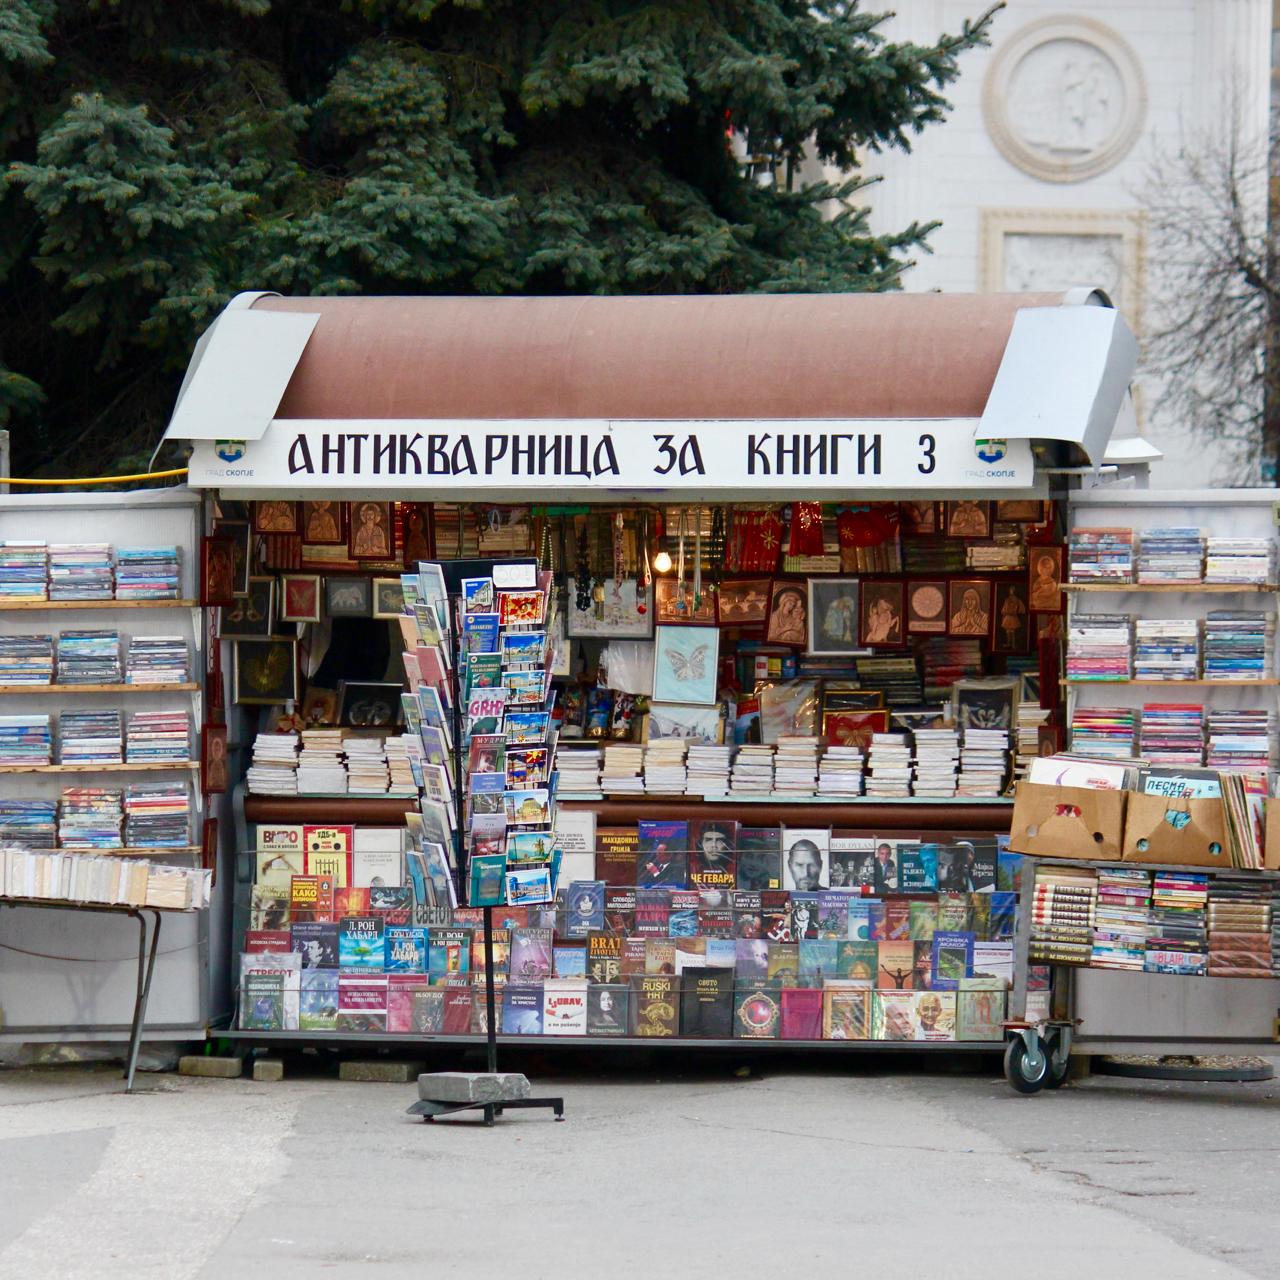 Skopje, North Macedonia - 3